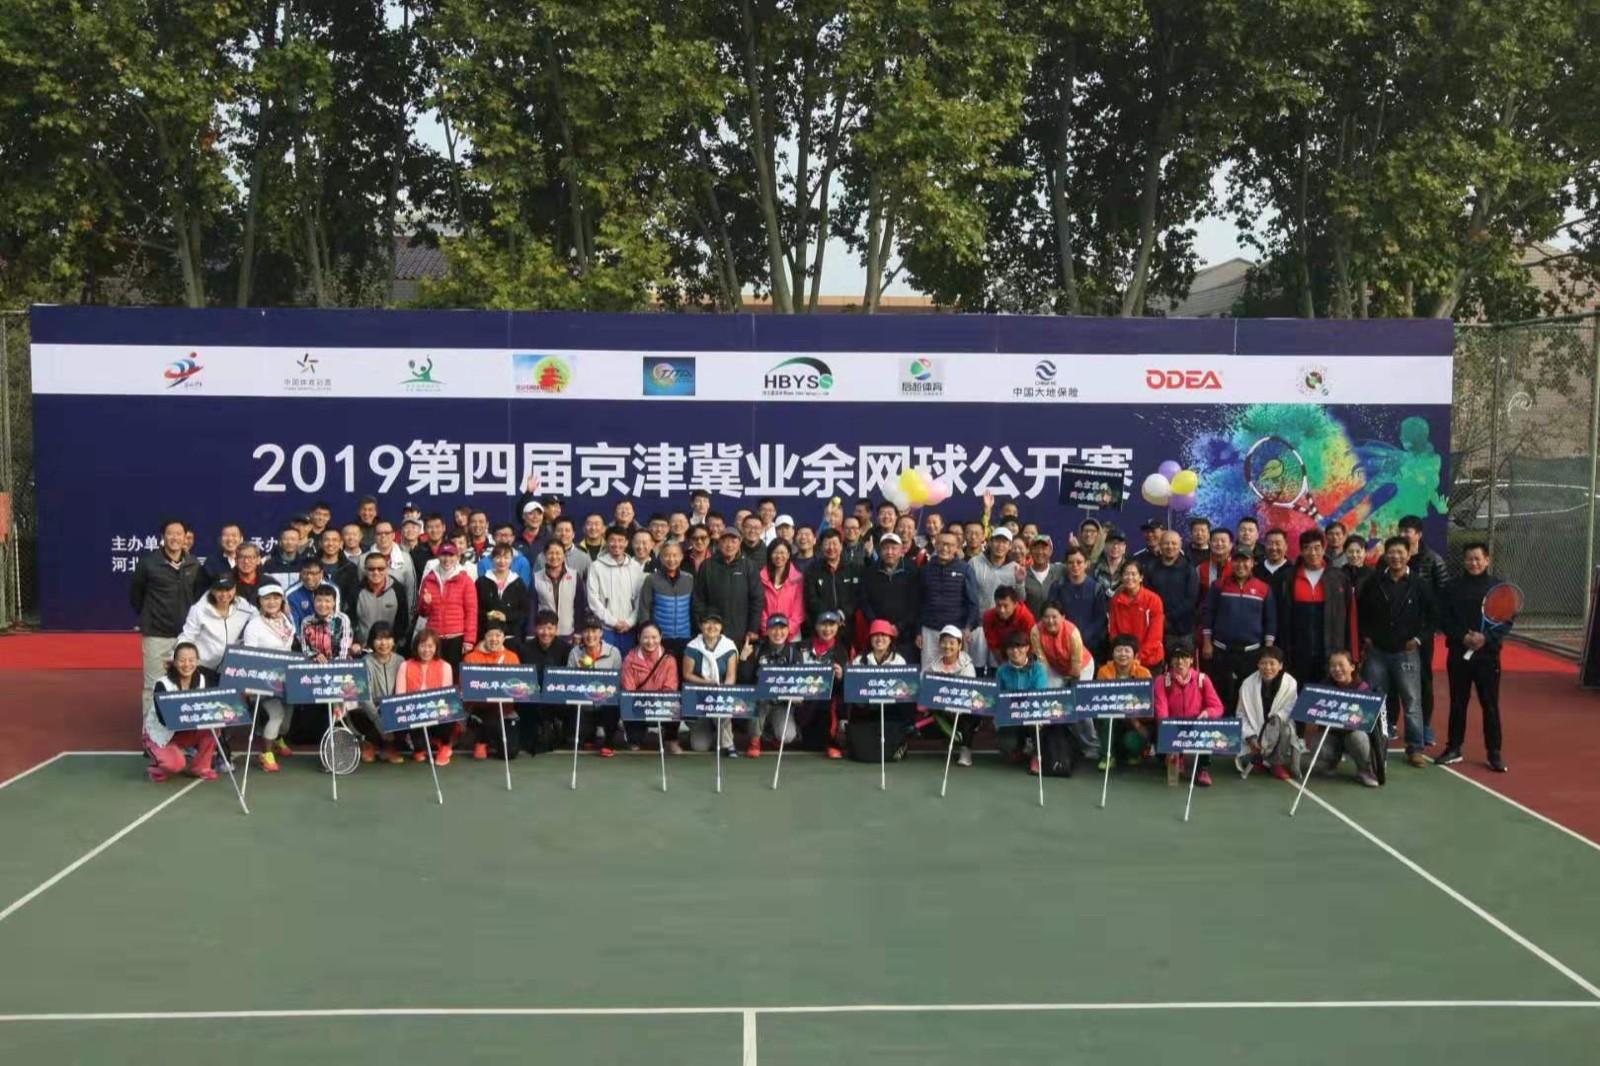 协同发展京津冀!2019第四届京津冀业余网球公开赛圆满举行